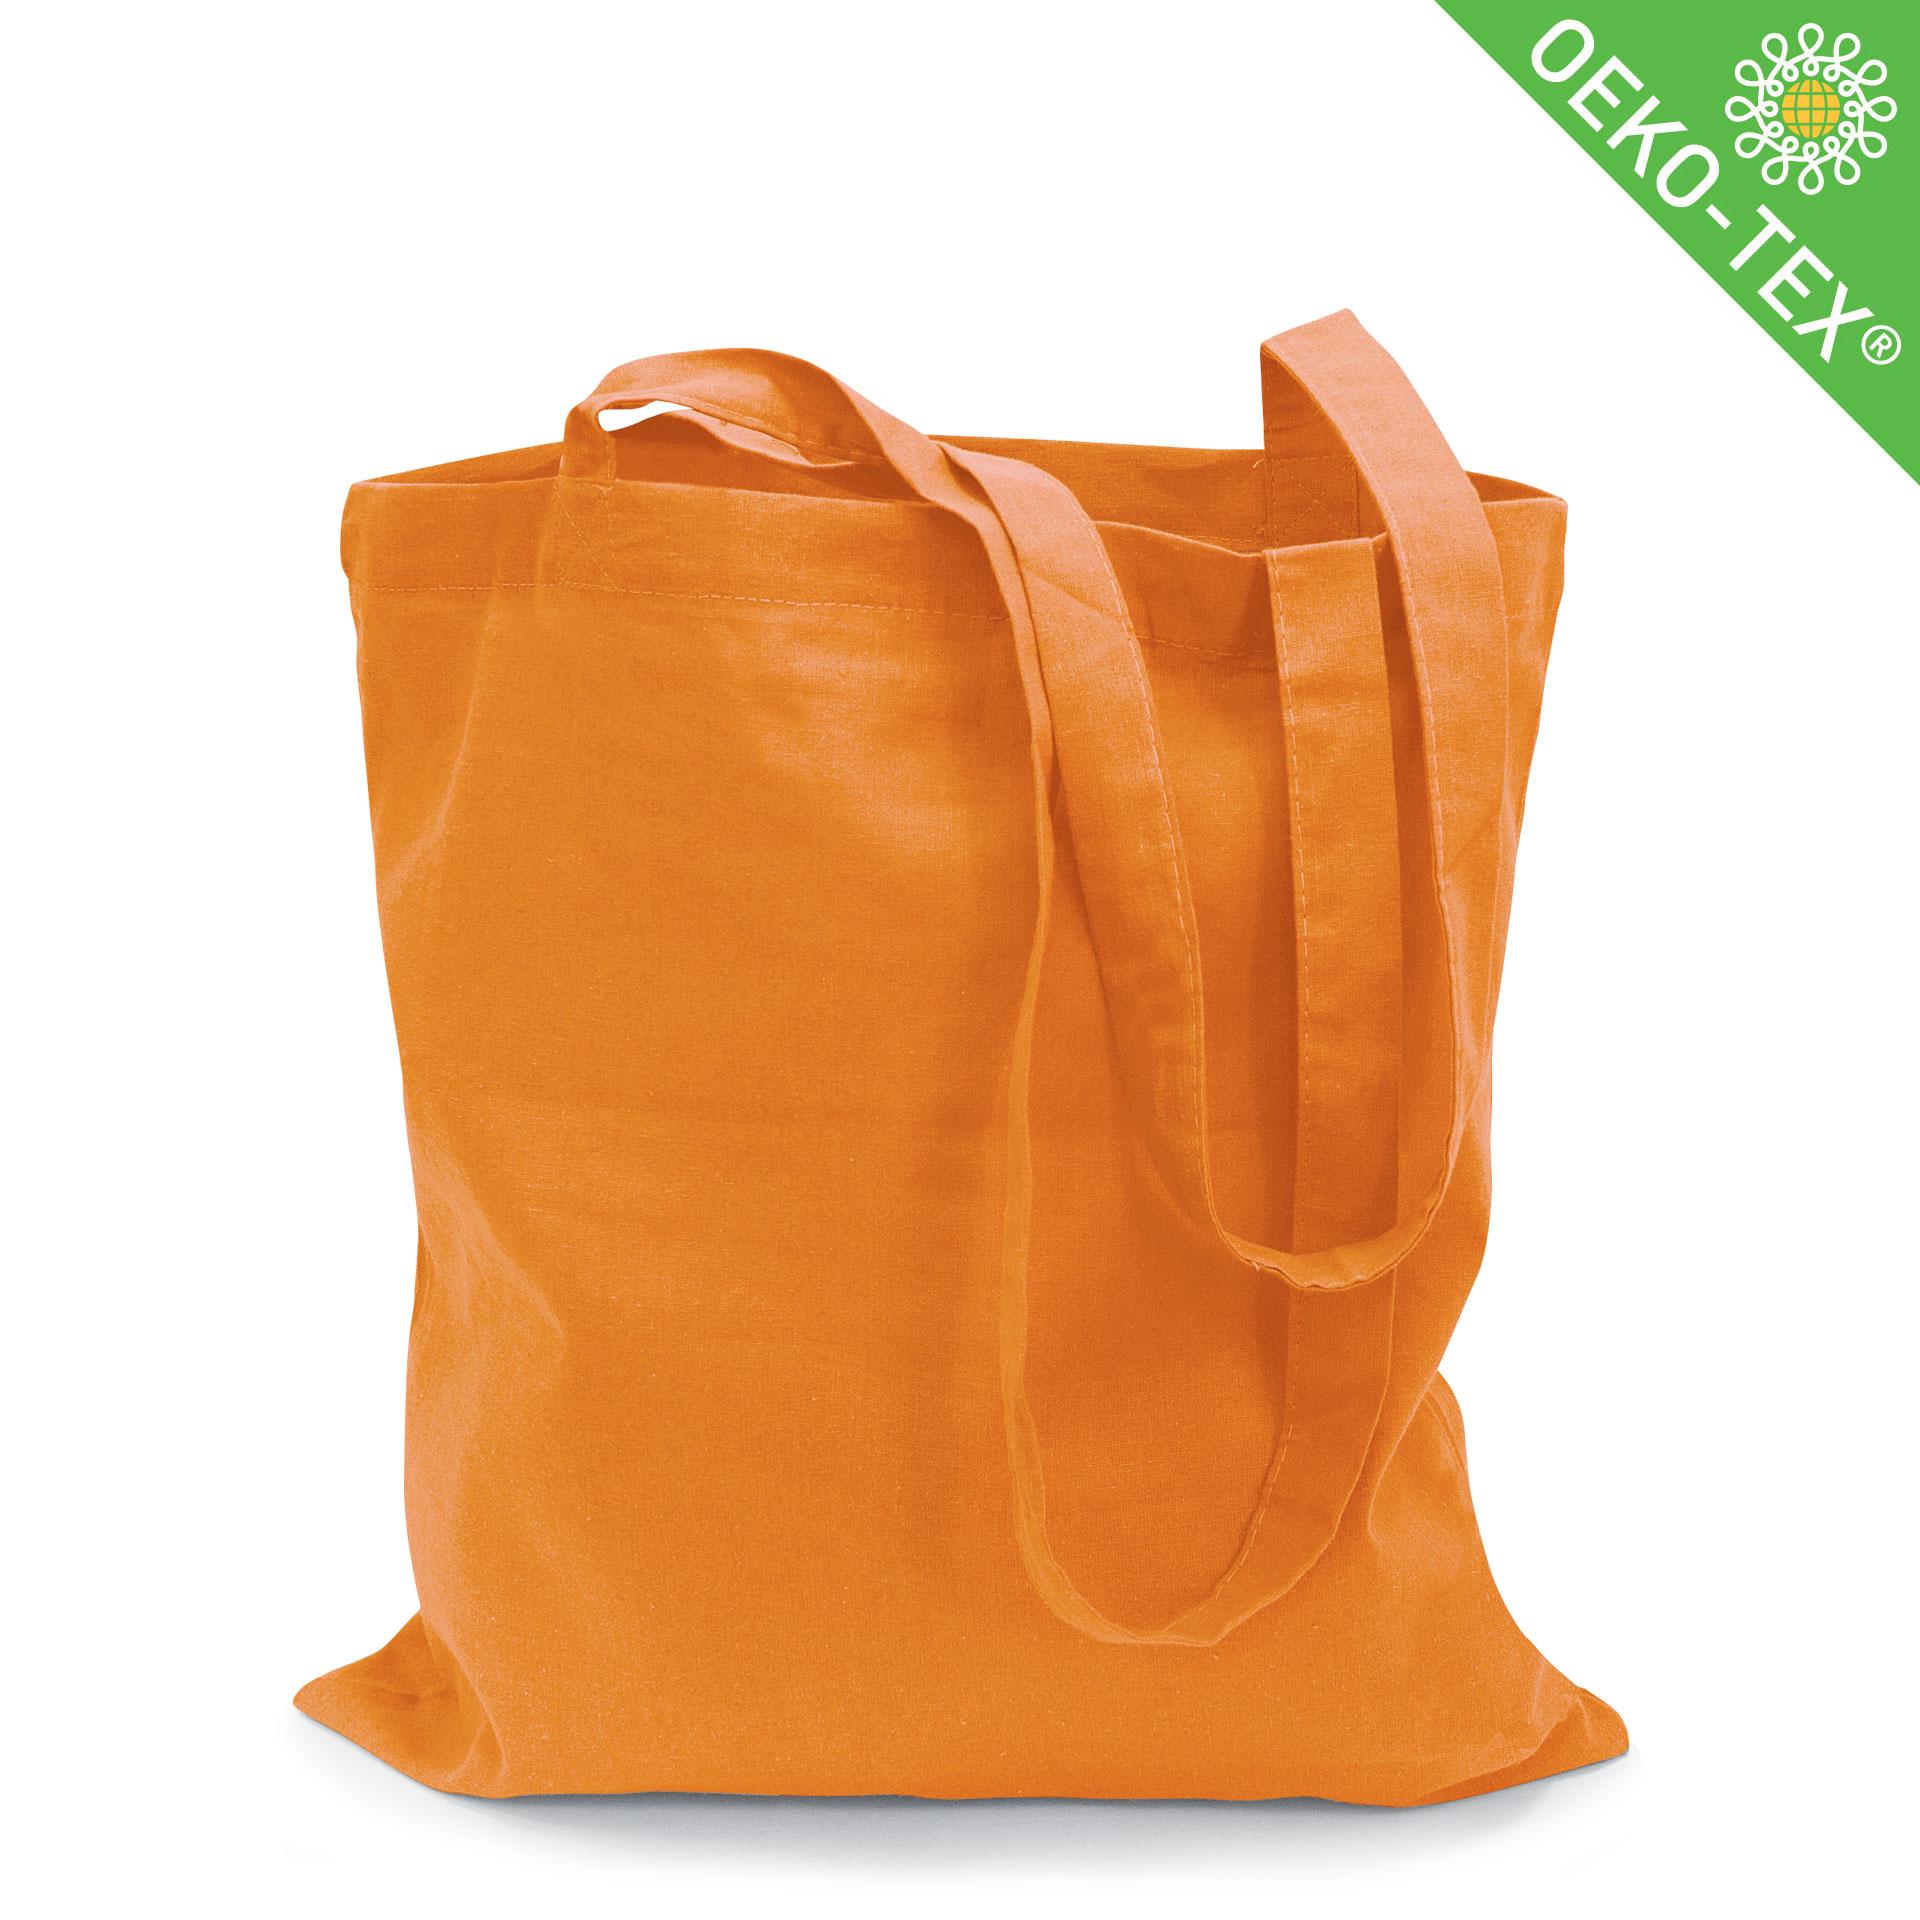 21-21_Riad,Baumwolltasche mit langen Henkeln, Farbe: Orange